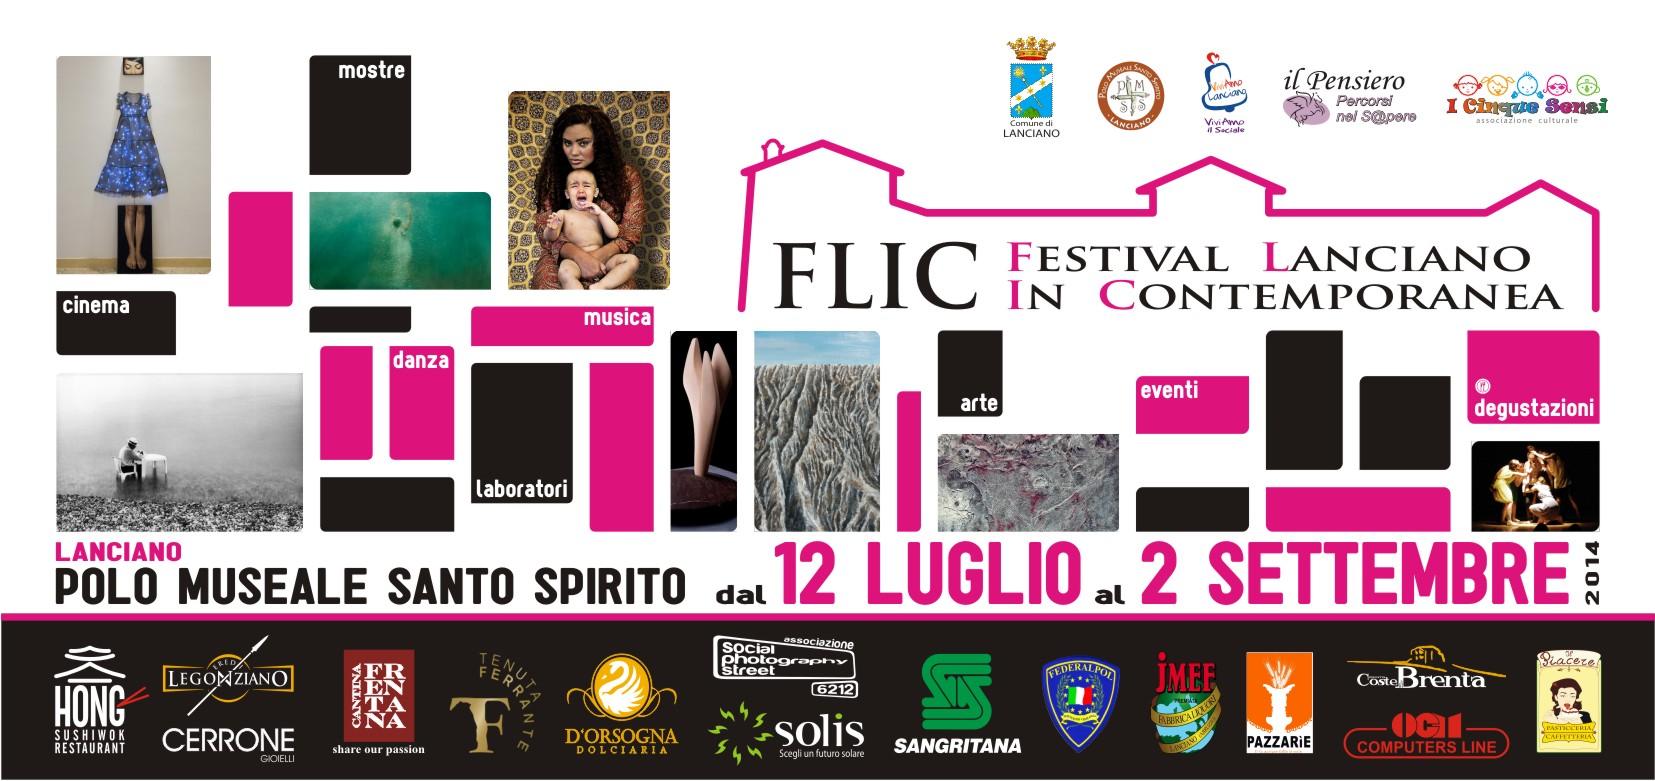 Flic festival lanciano in contemporanea - Agenzie immobiliari lanciano ...